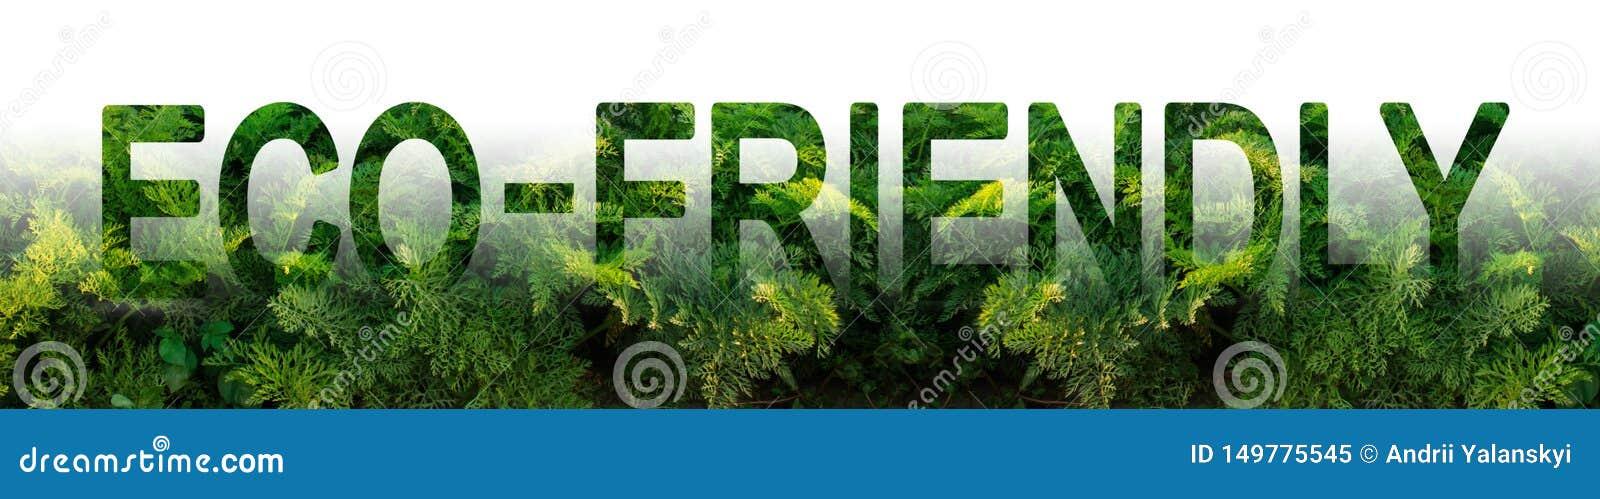 De inschrijving Milieuvriendelijk op de achtergrond van een wortelaanplanting Milieuvriendelijke oogst, kwaliteitscontrole Jongel